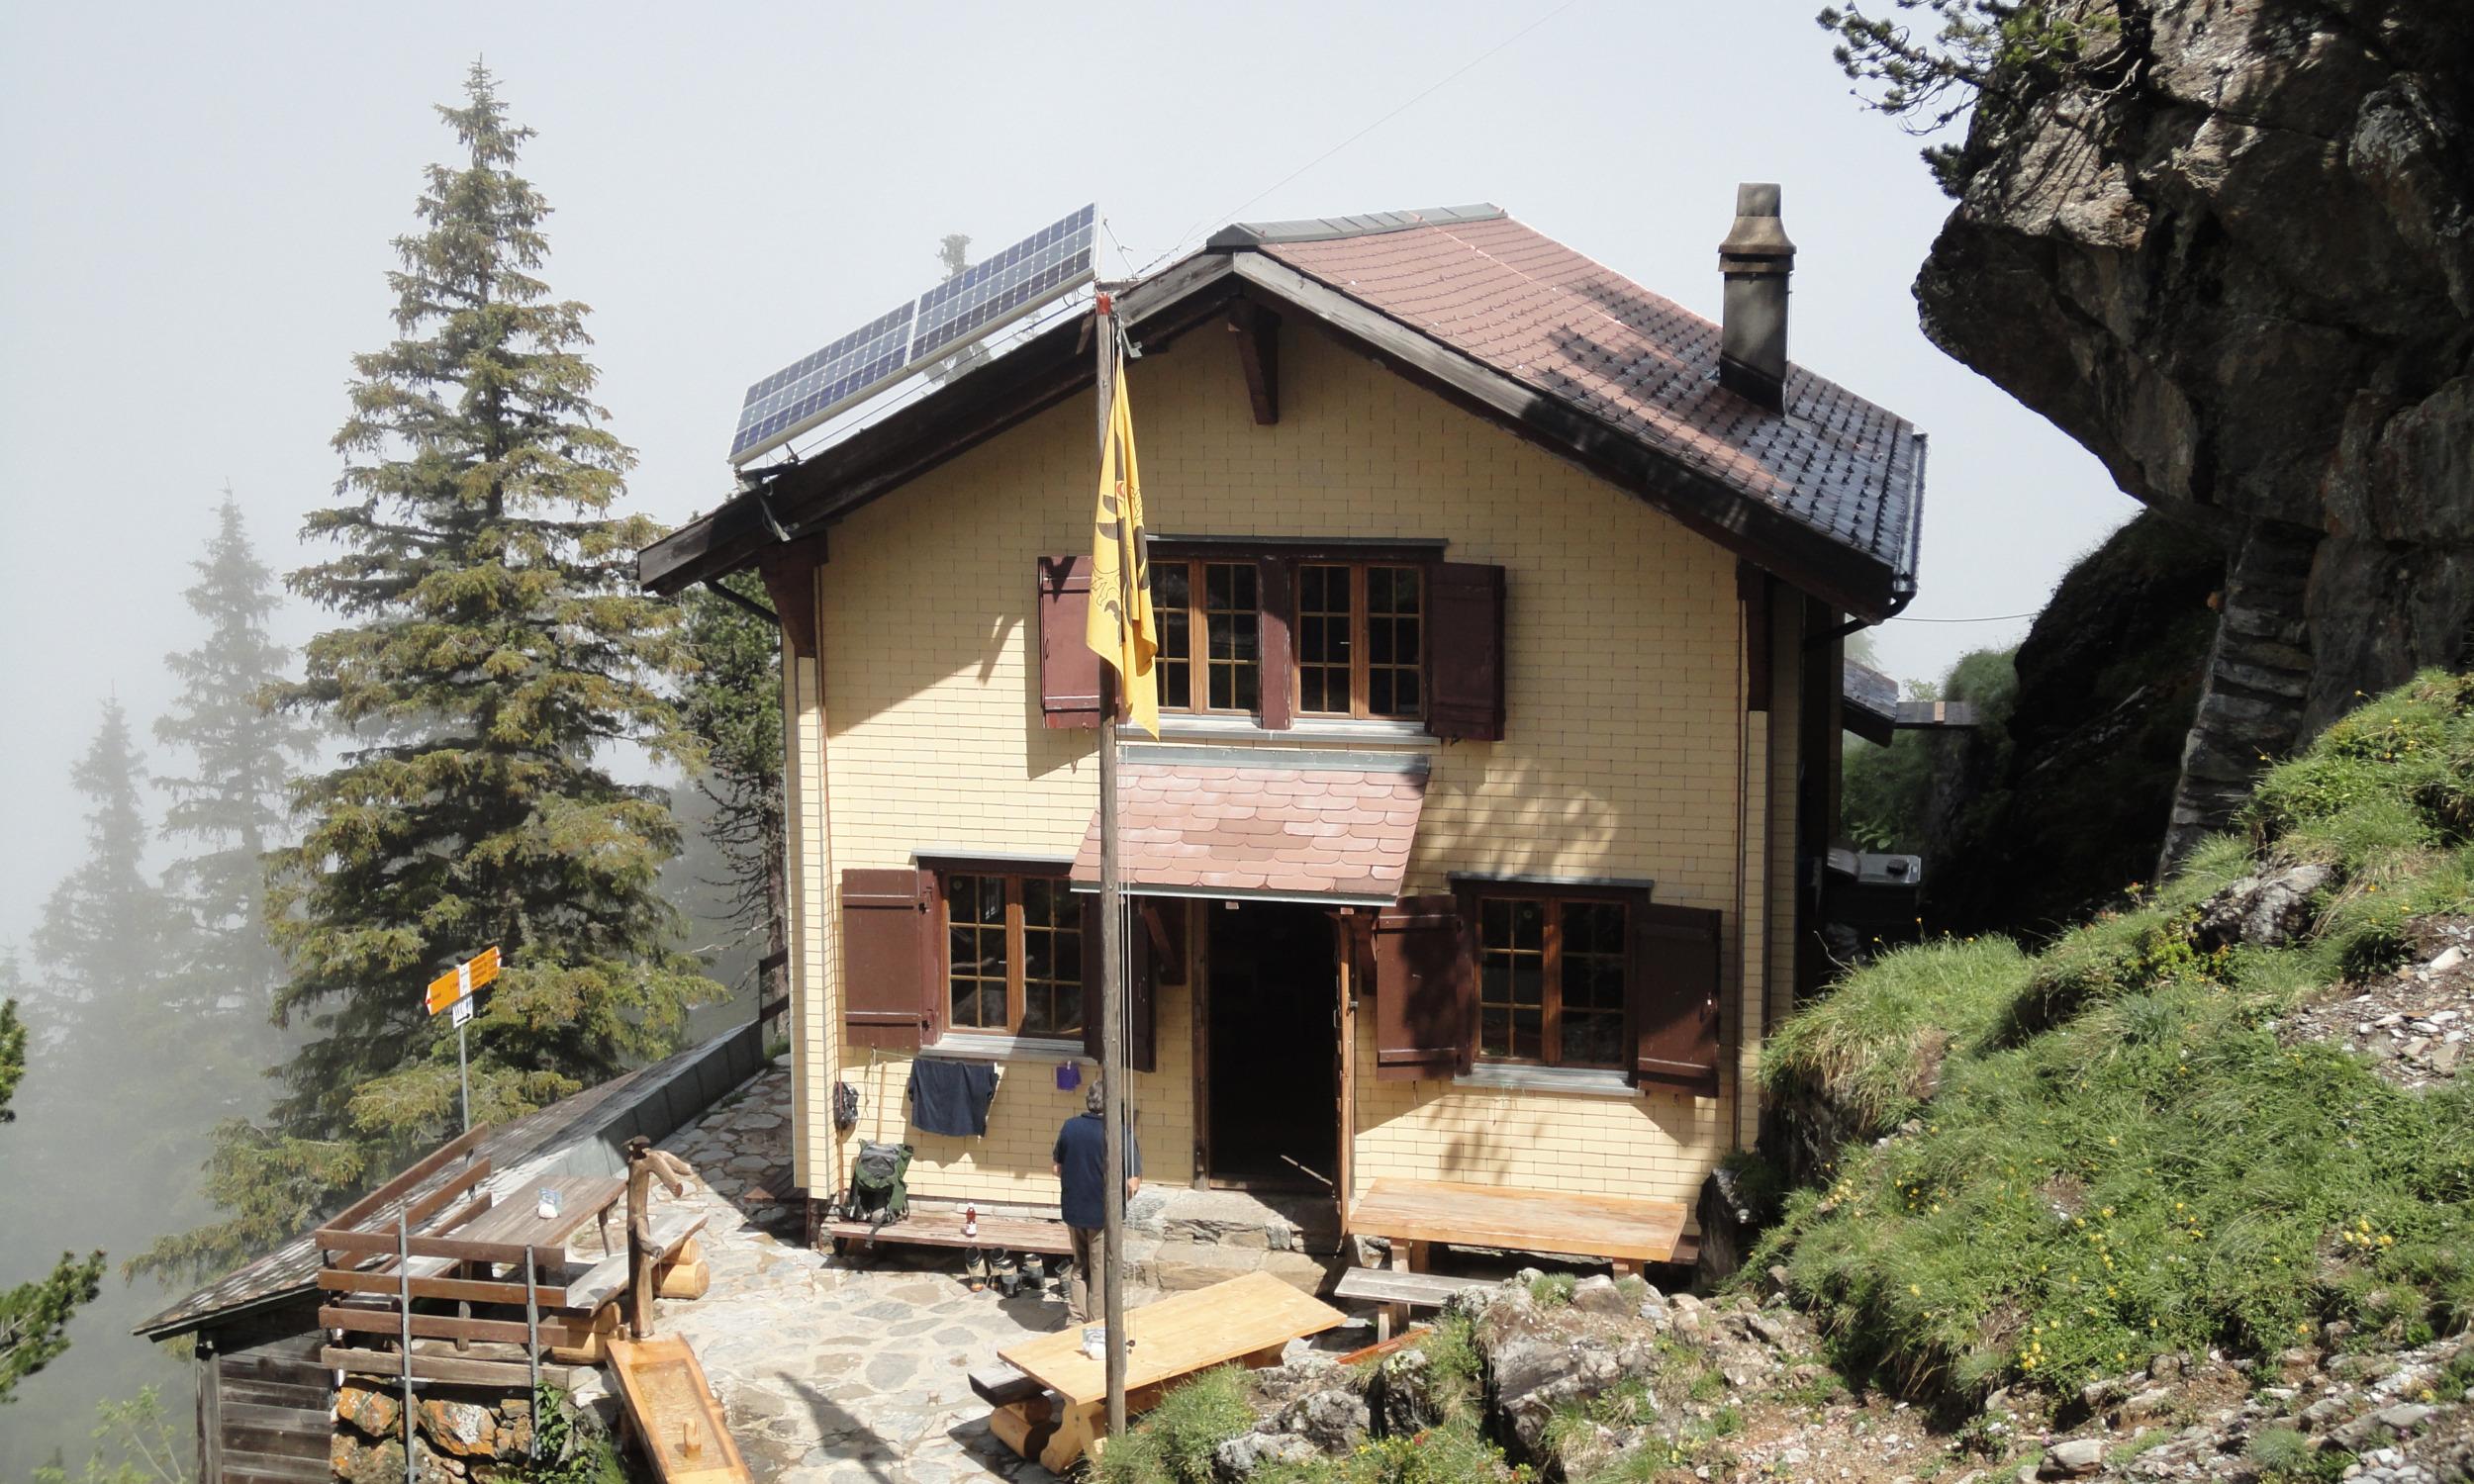 00_Engelhornhütte